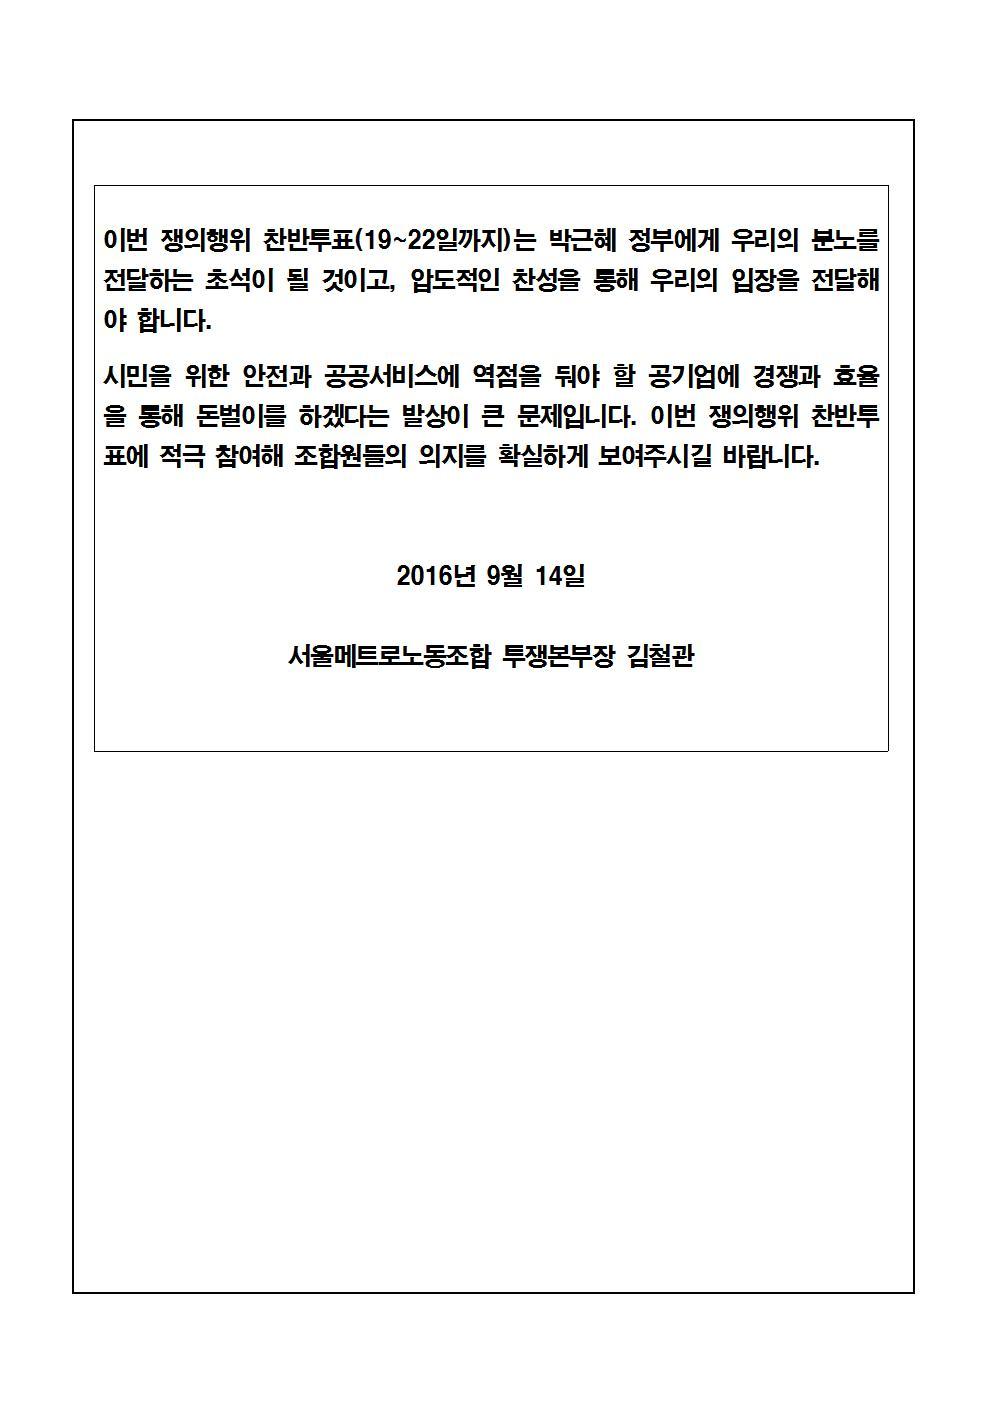 [투쟁속보3호]투쟁본부 지침 제5호 시달002.jpg